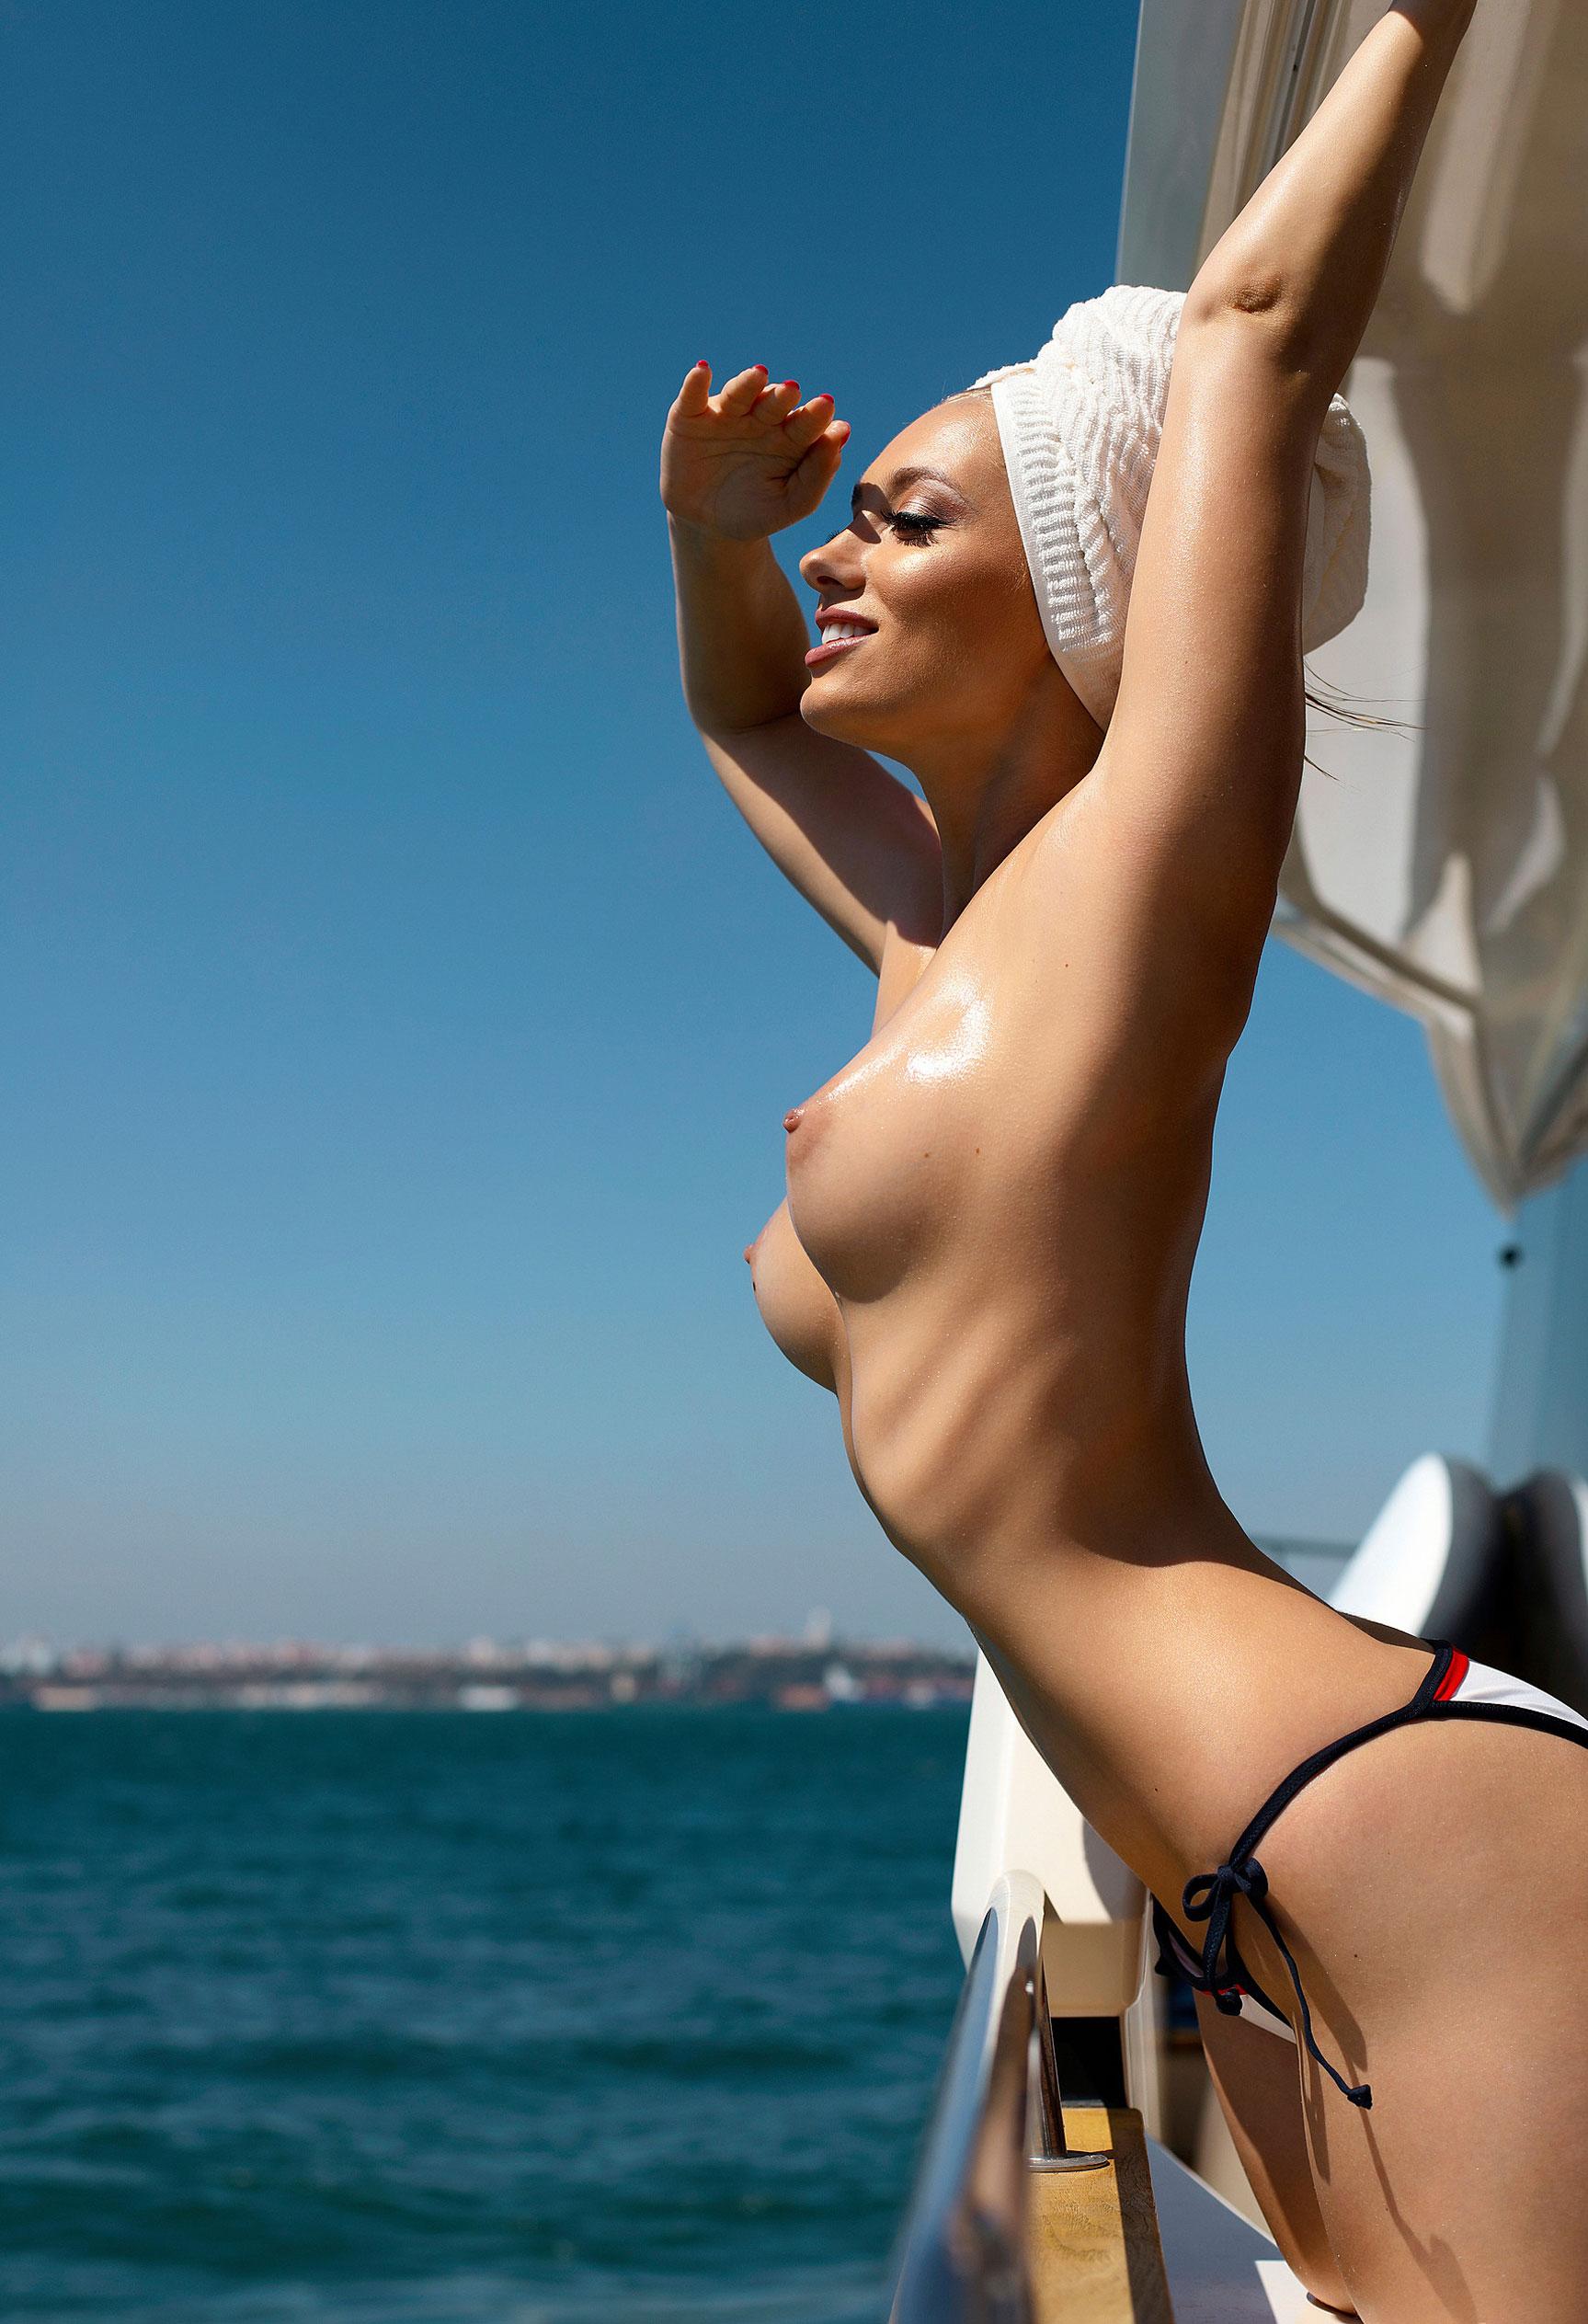 Анна Иоаннова на яхте у португальского побережья / фото 07